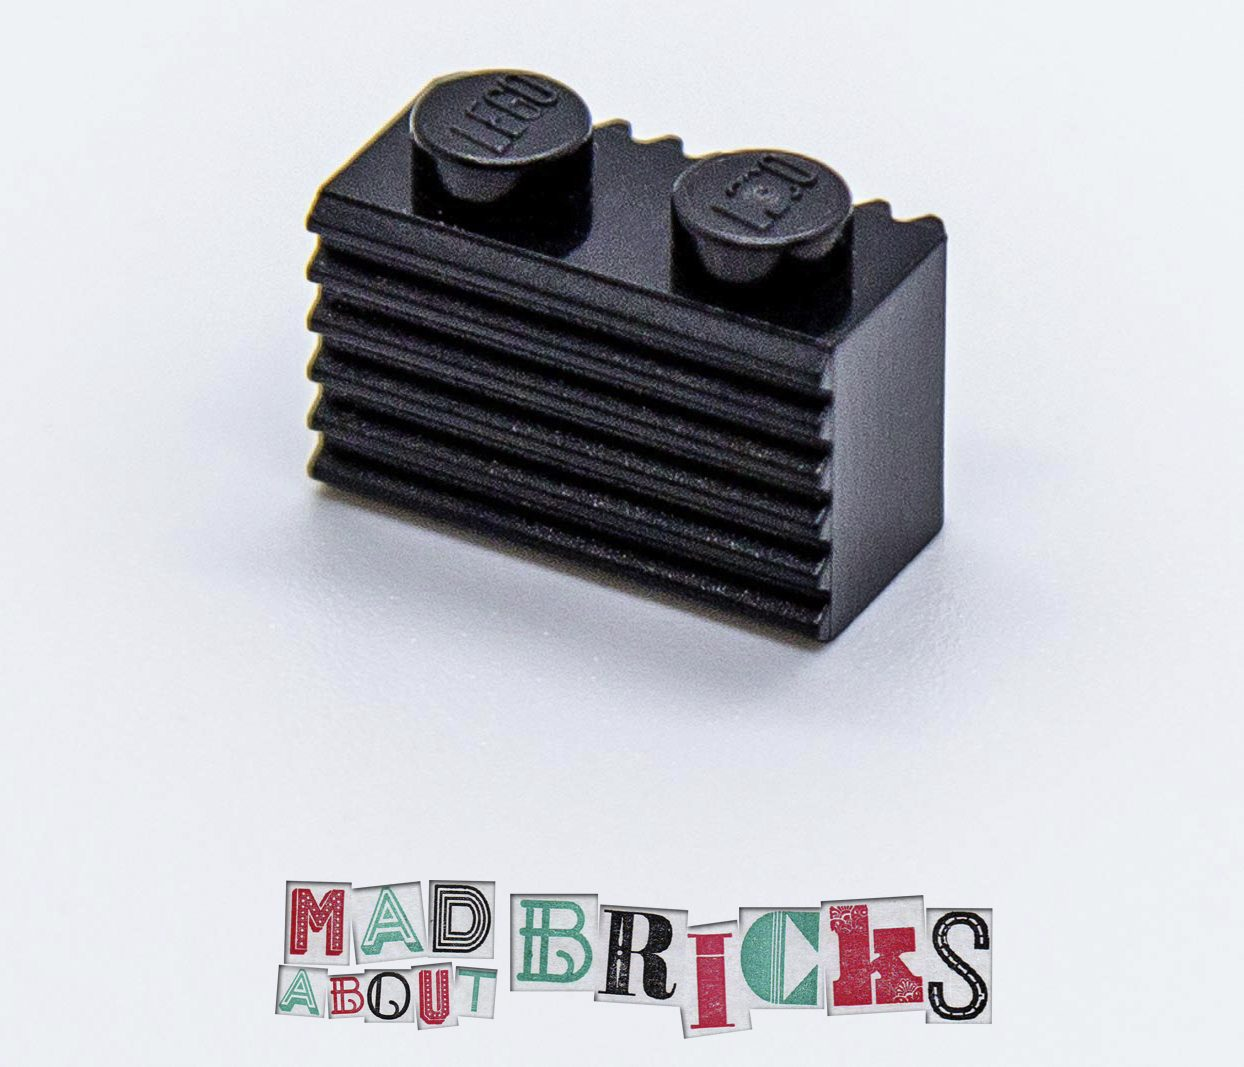 Lego 2877 1x2 Profile Brick 287726